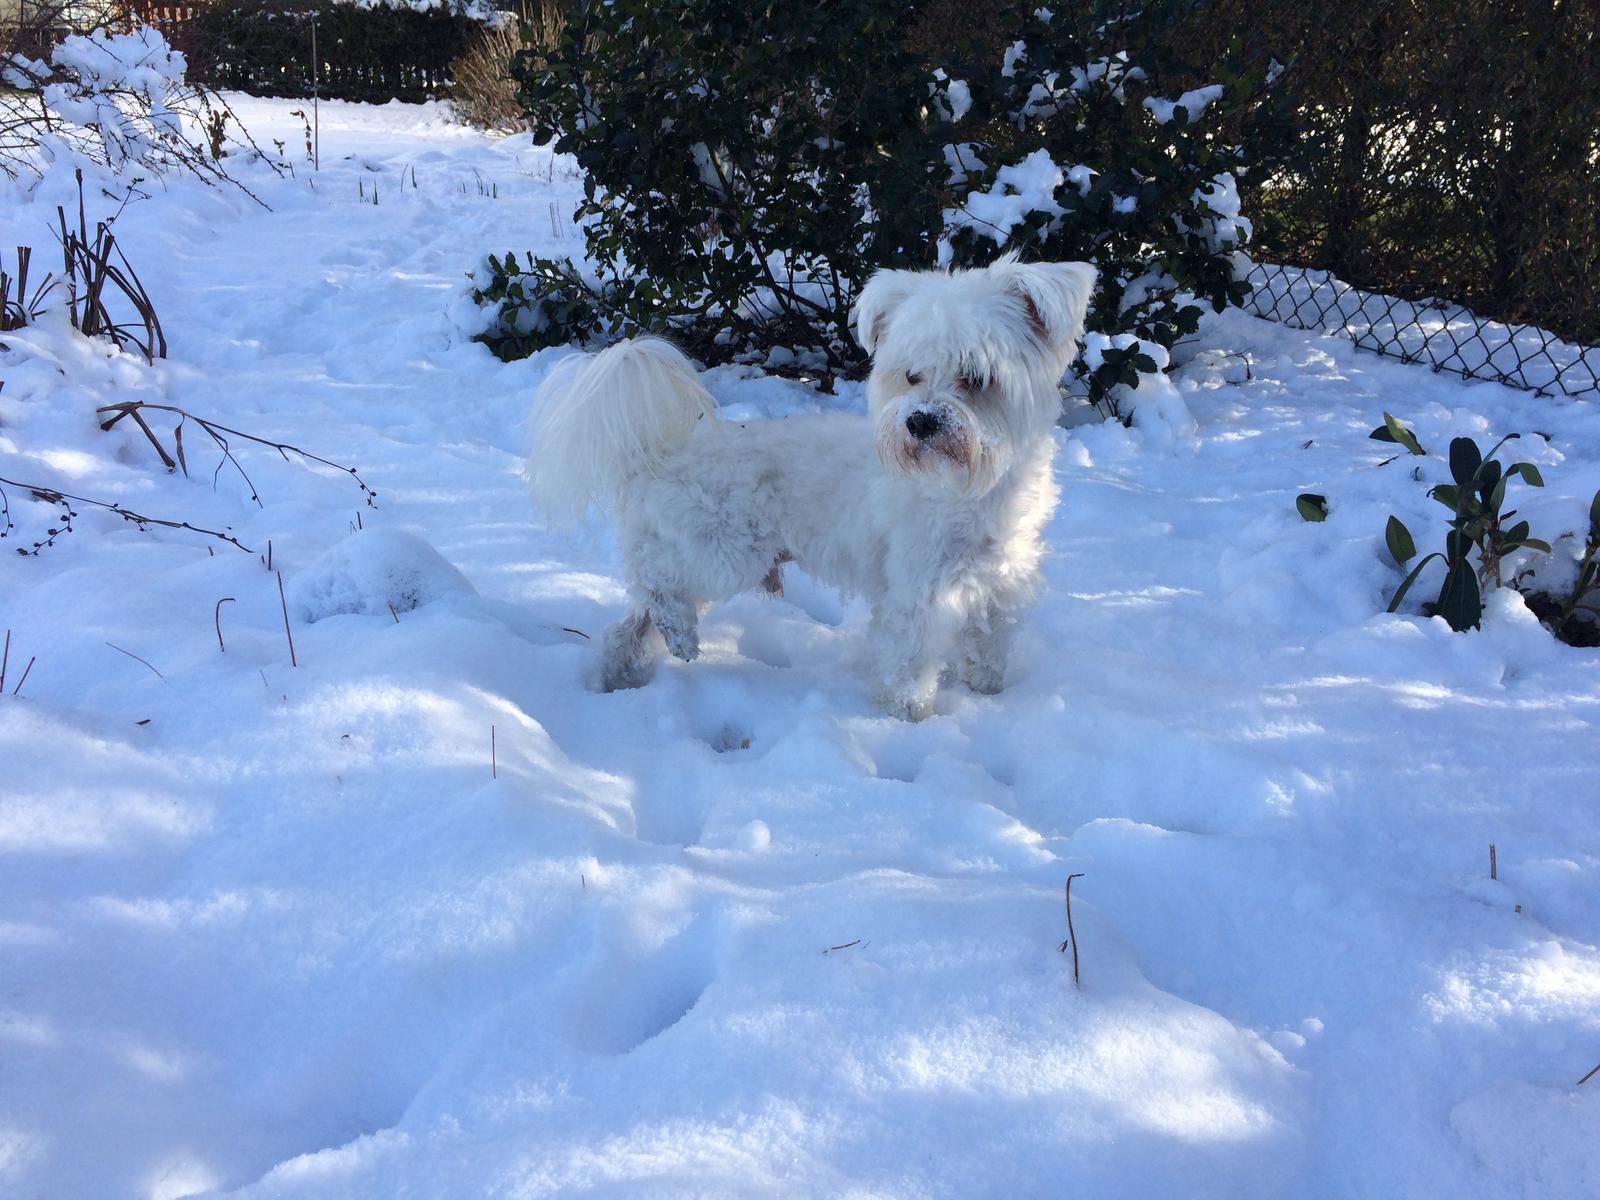 Dům i Zahrada 2019 - Chvilku svítí slunko, chvilku sněží ....